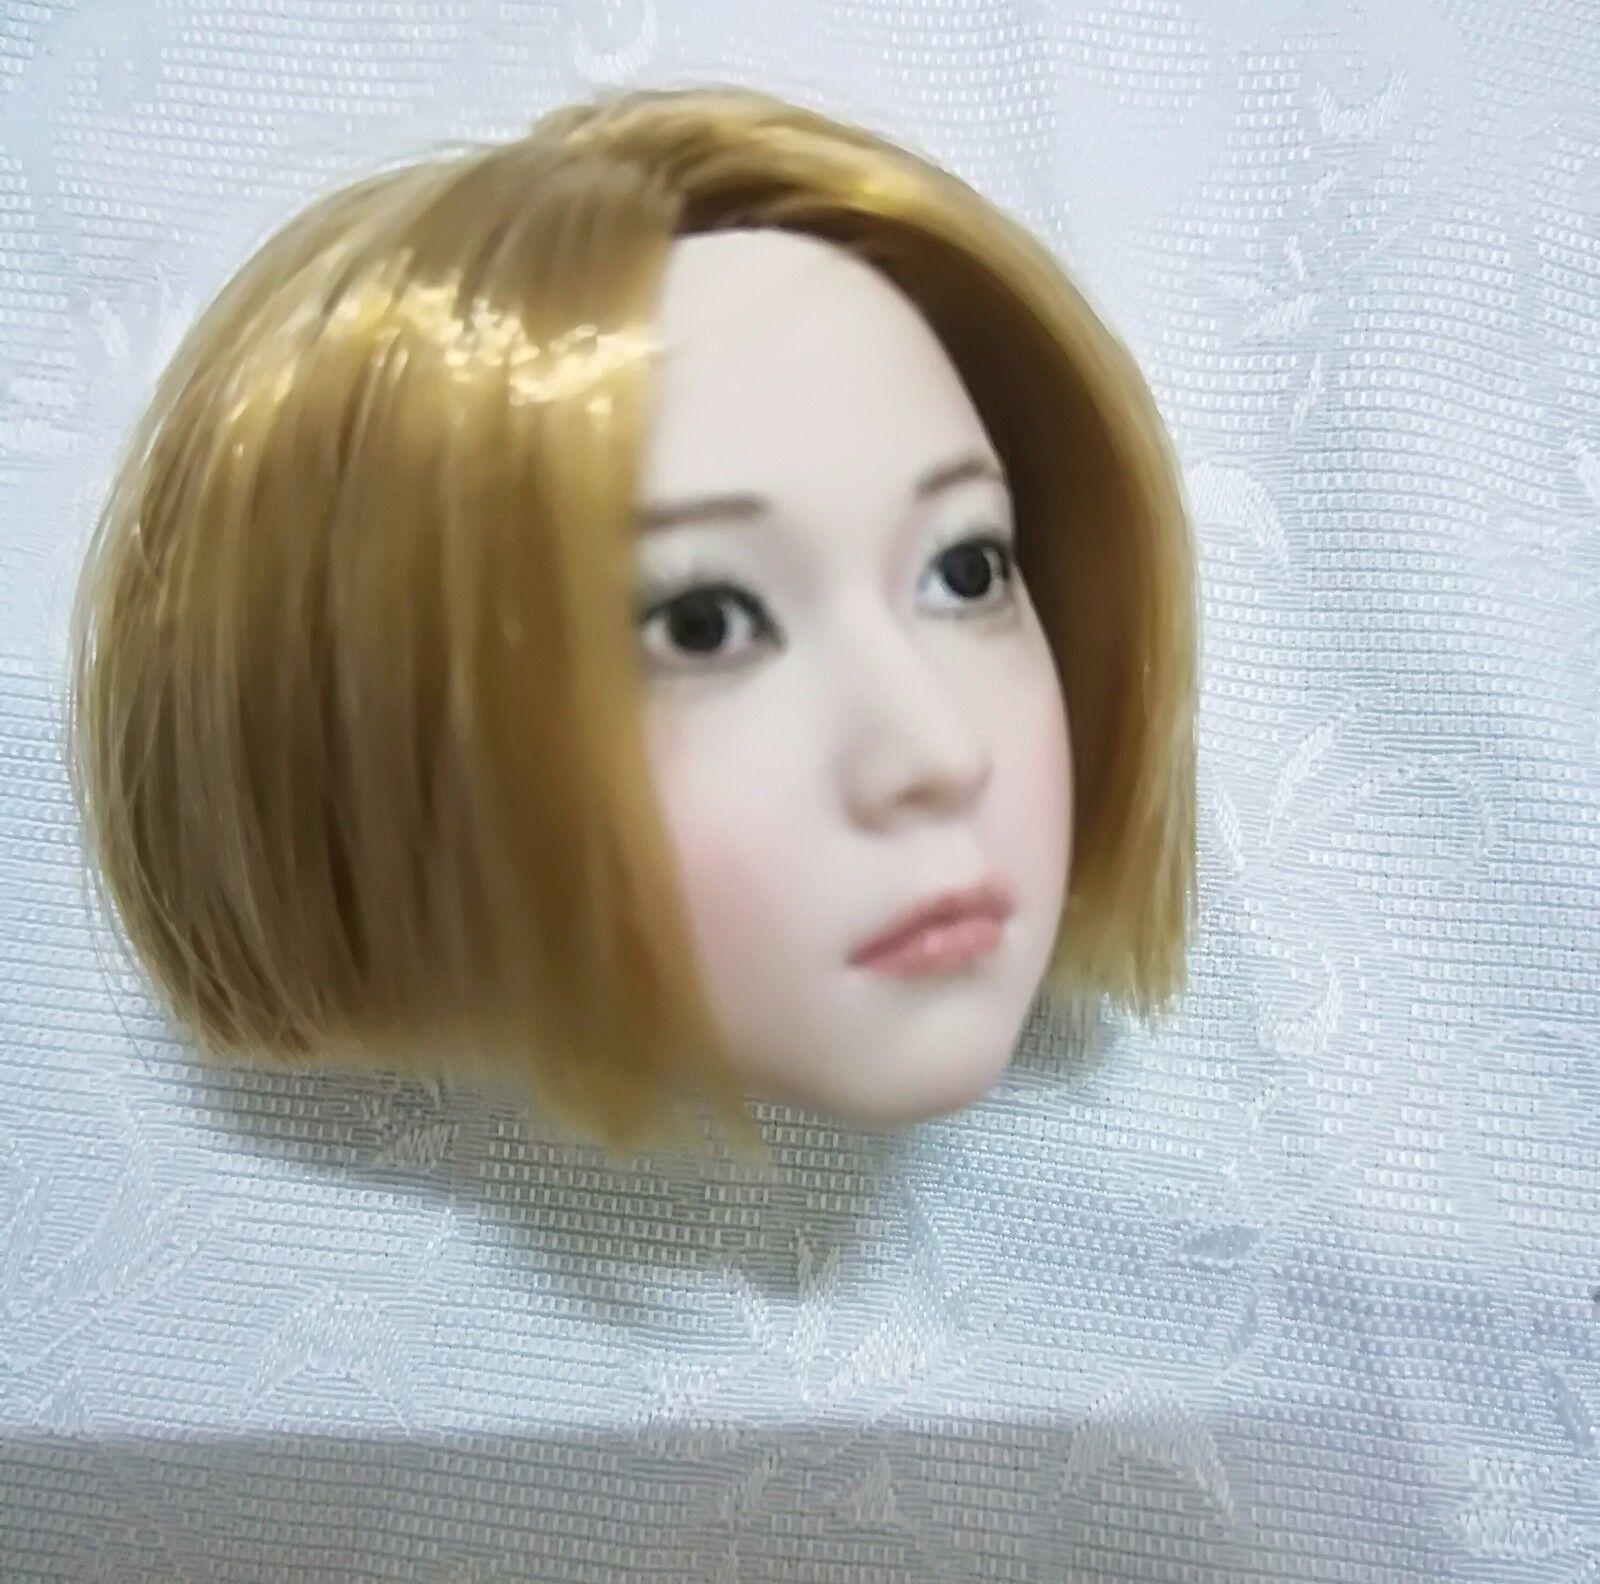 1   6 mädchen den kopf hauen modell kurze haare baby face f 12  action - figur körper